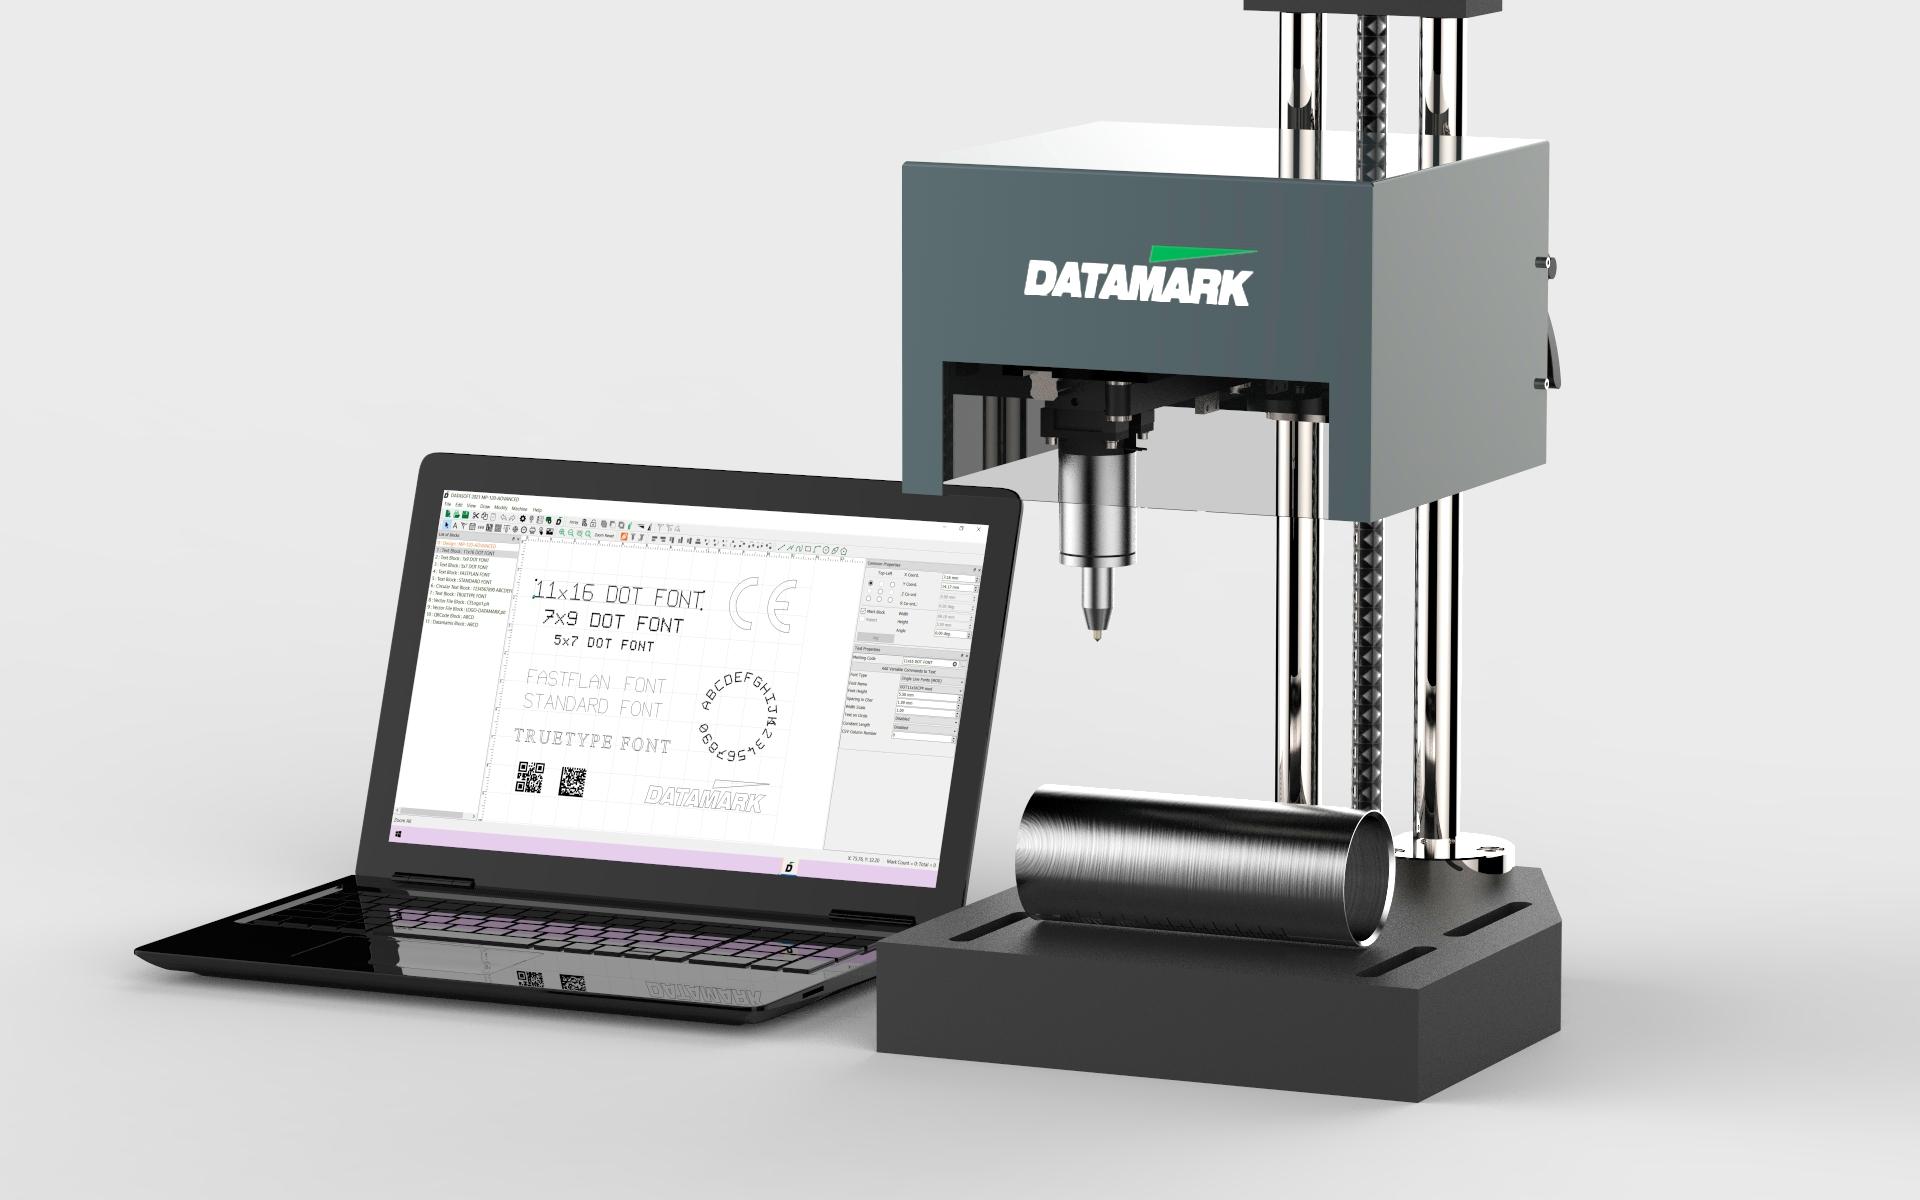 Máquinas de marcaje y grabado de piezas Datamark